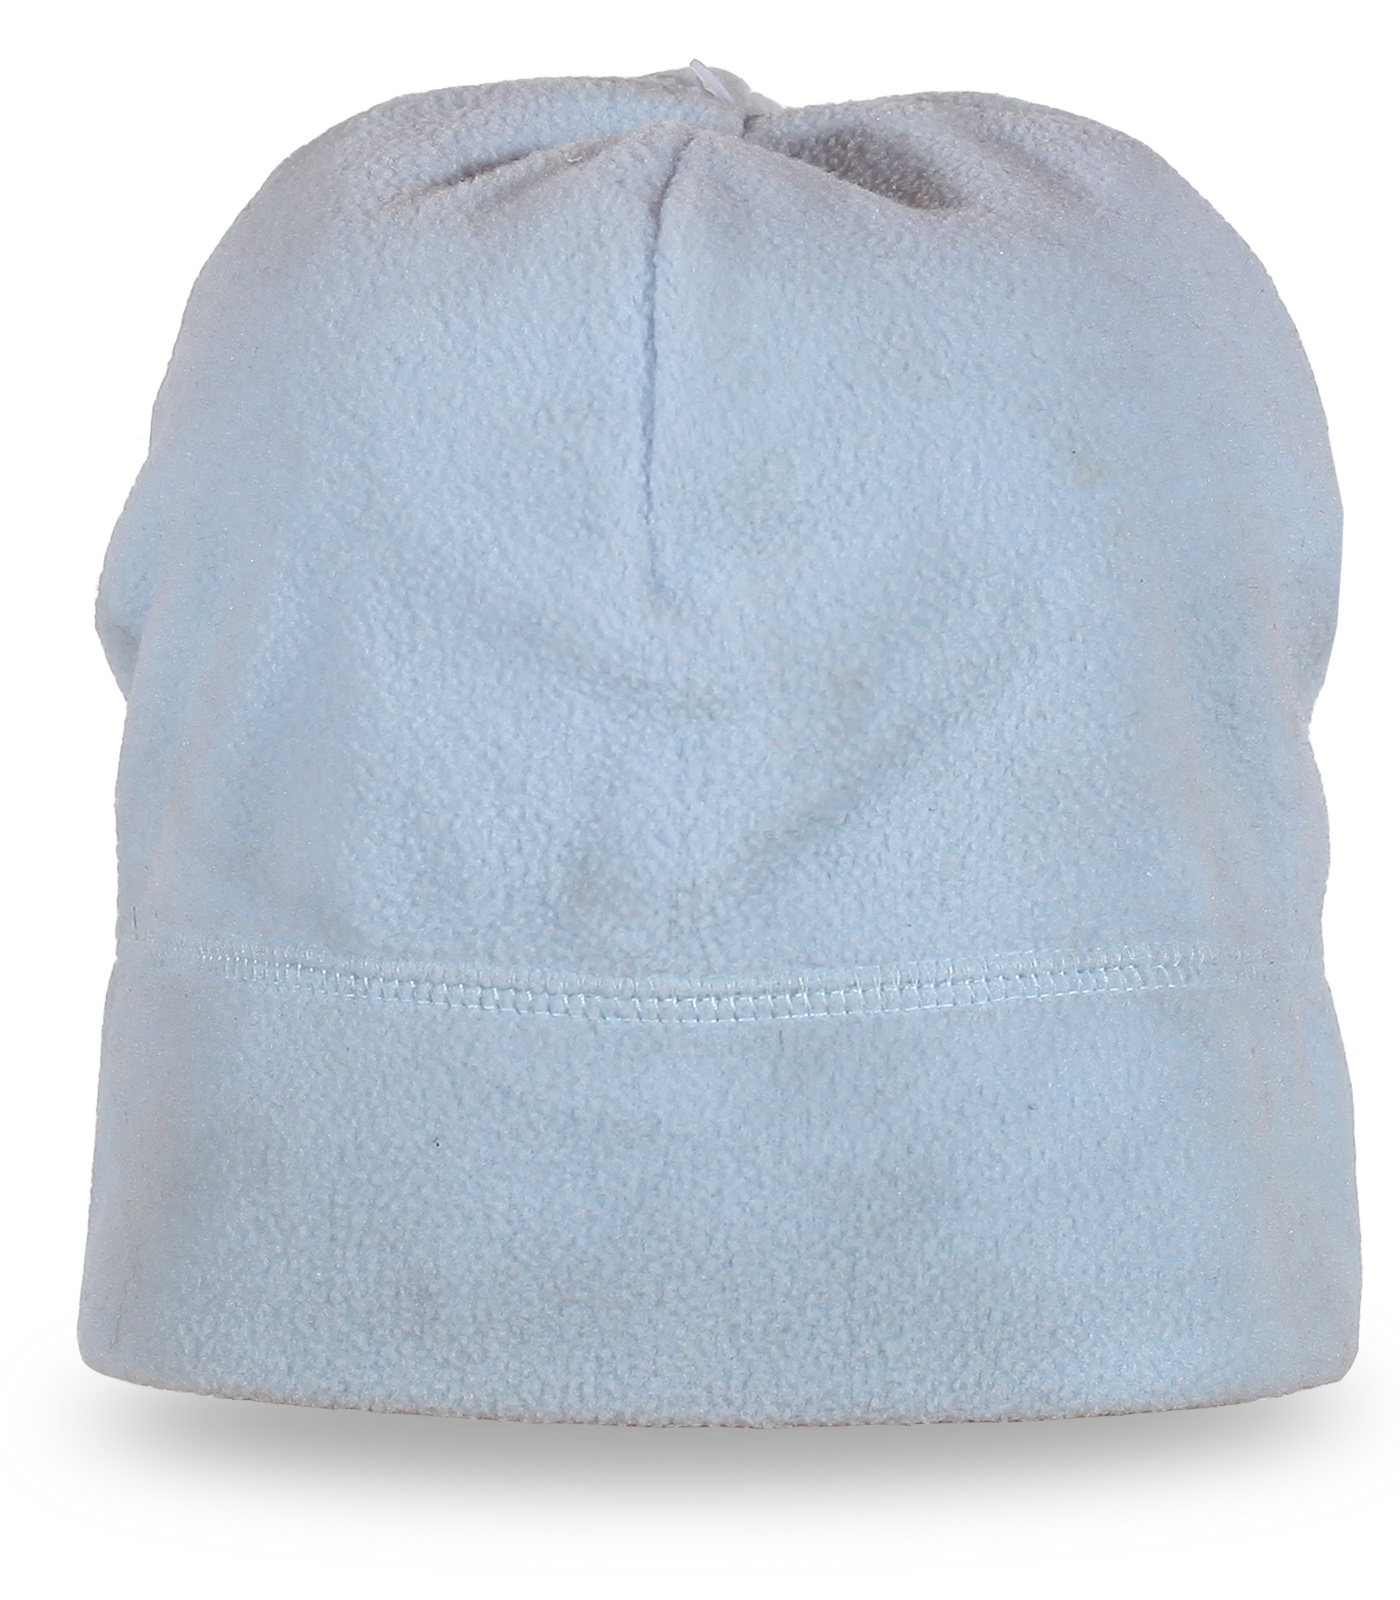 Удобная шапка светлого цвета